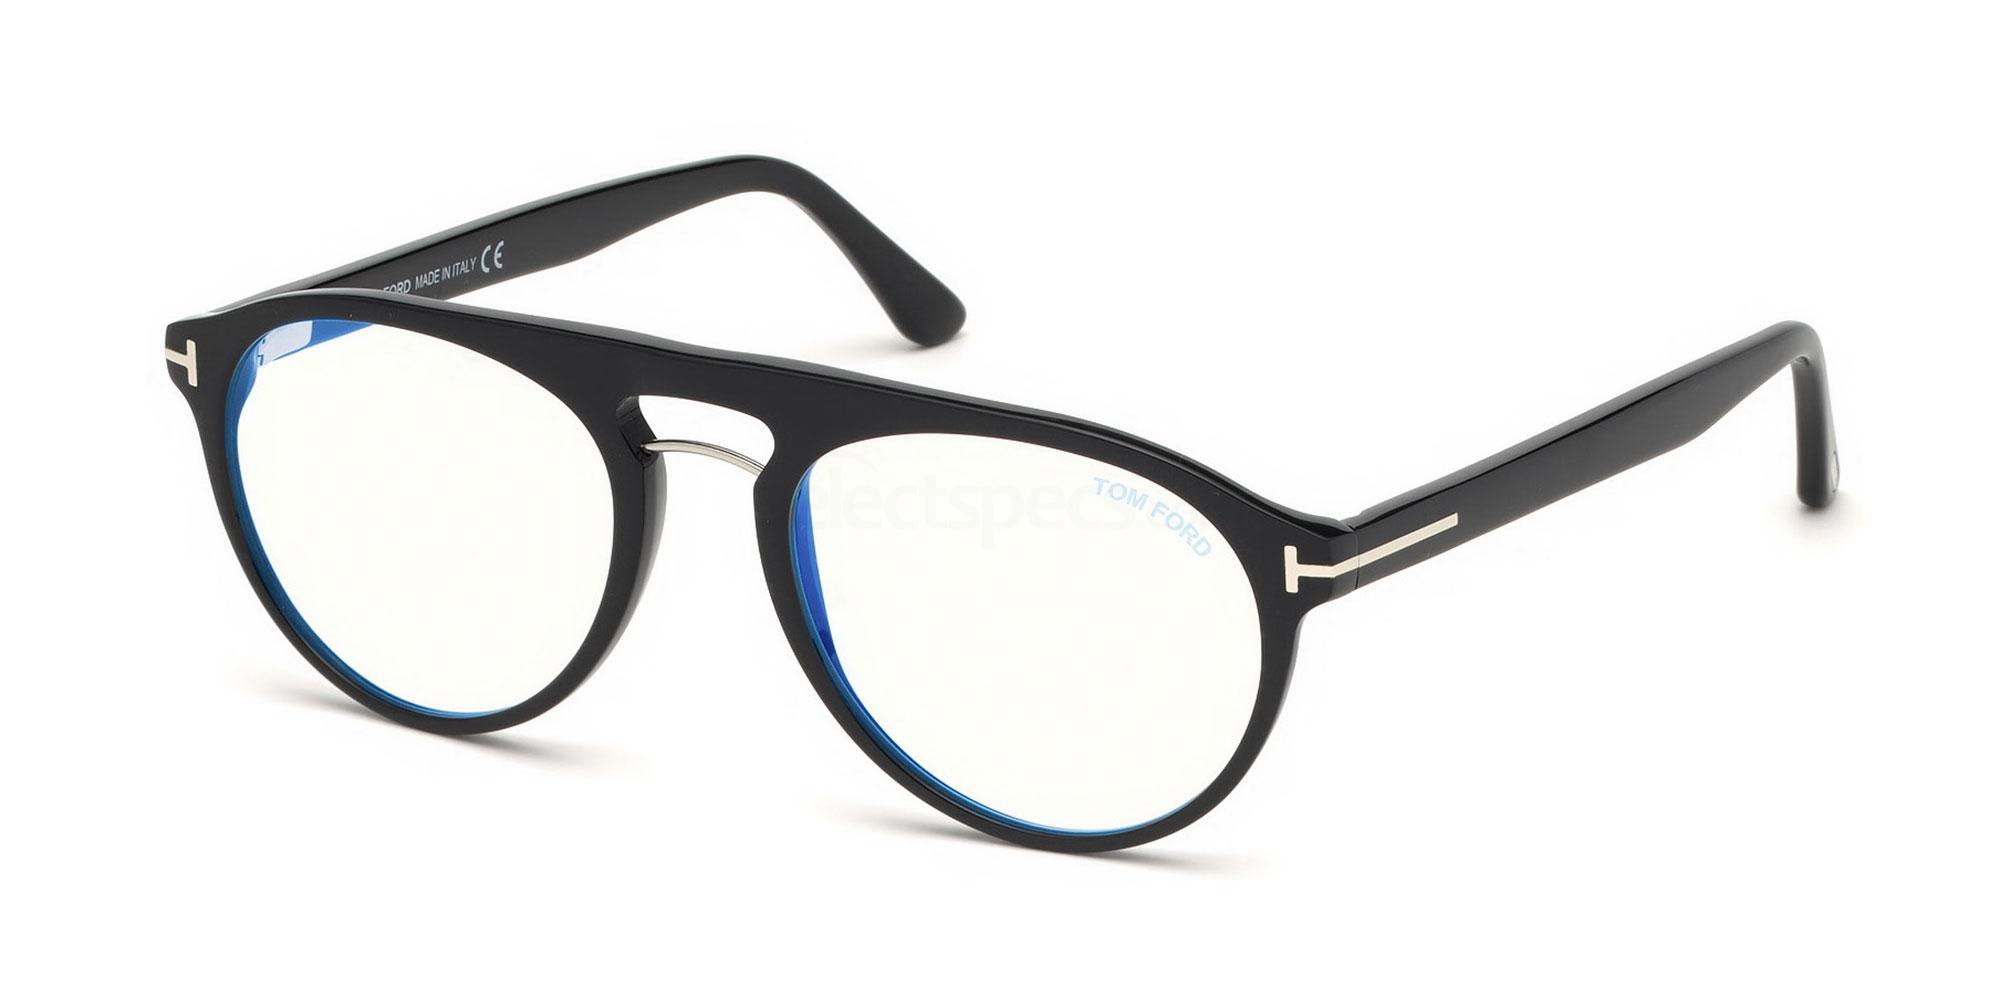 001 FT5587-B Glasses, Tom Ford